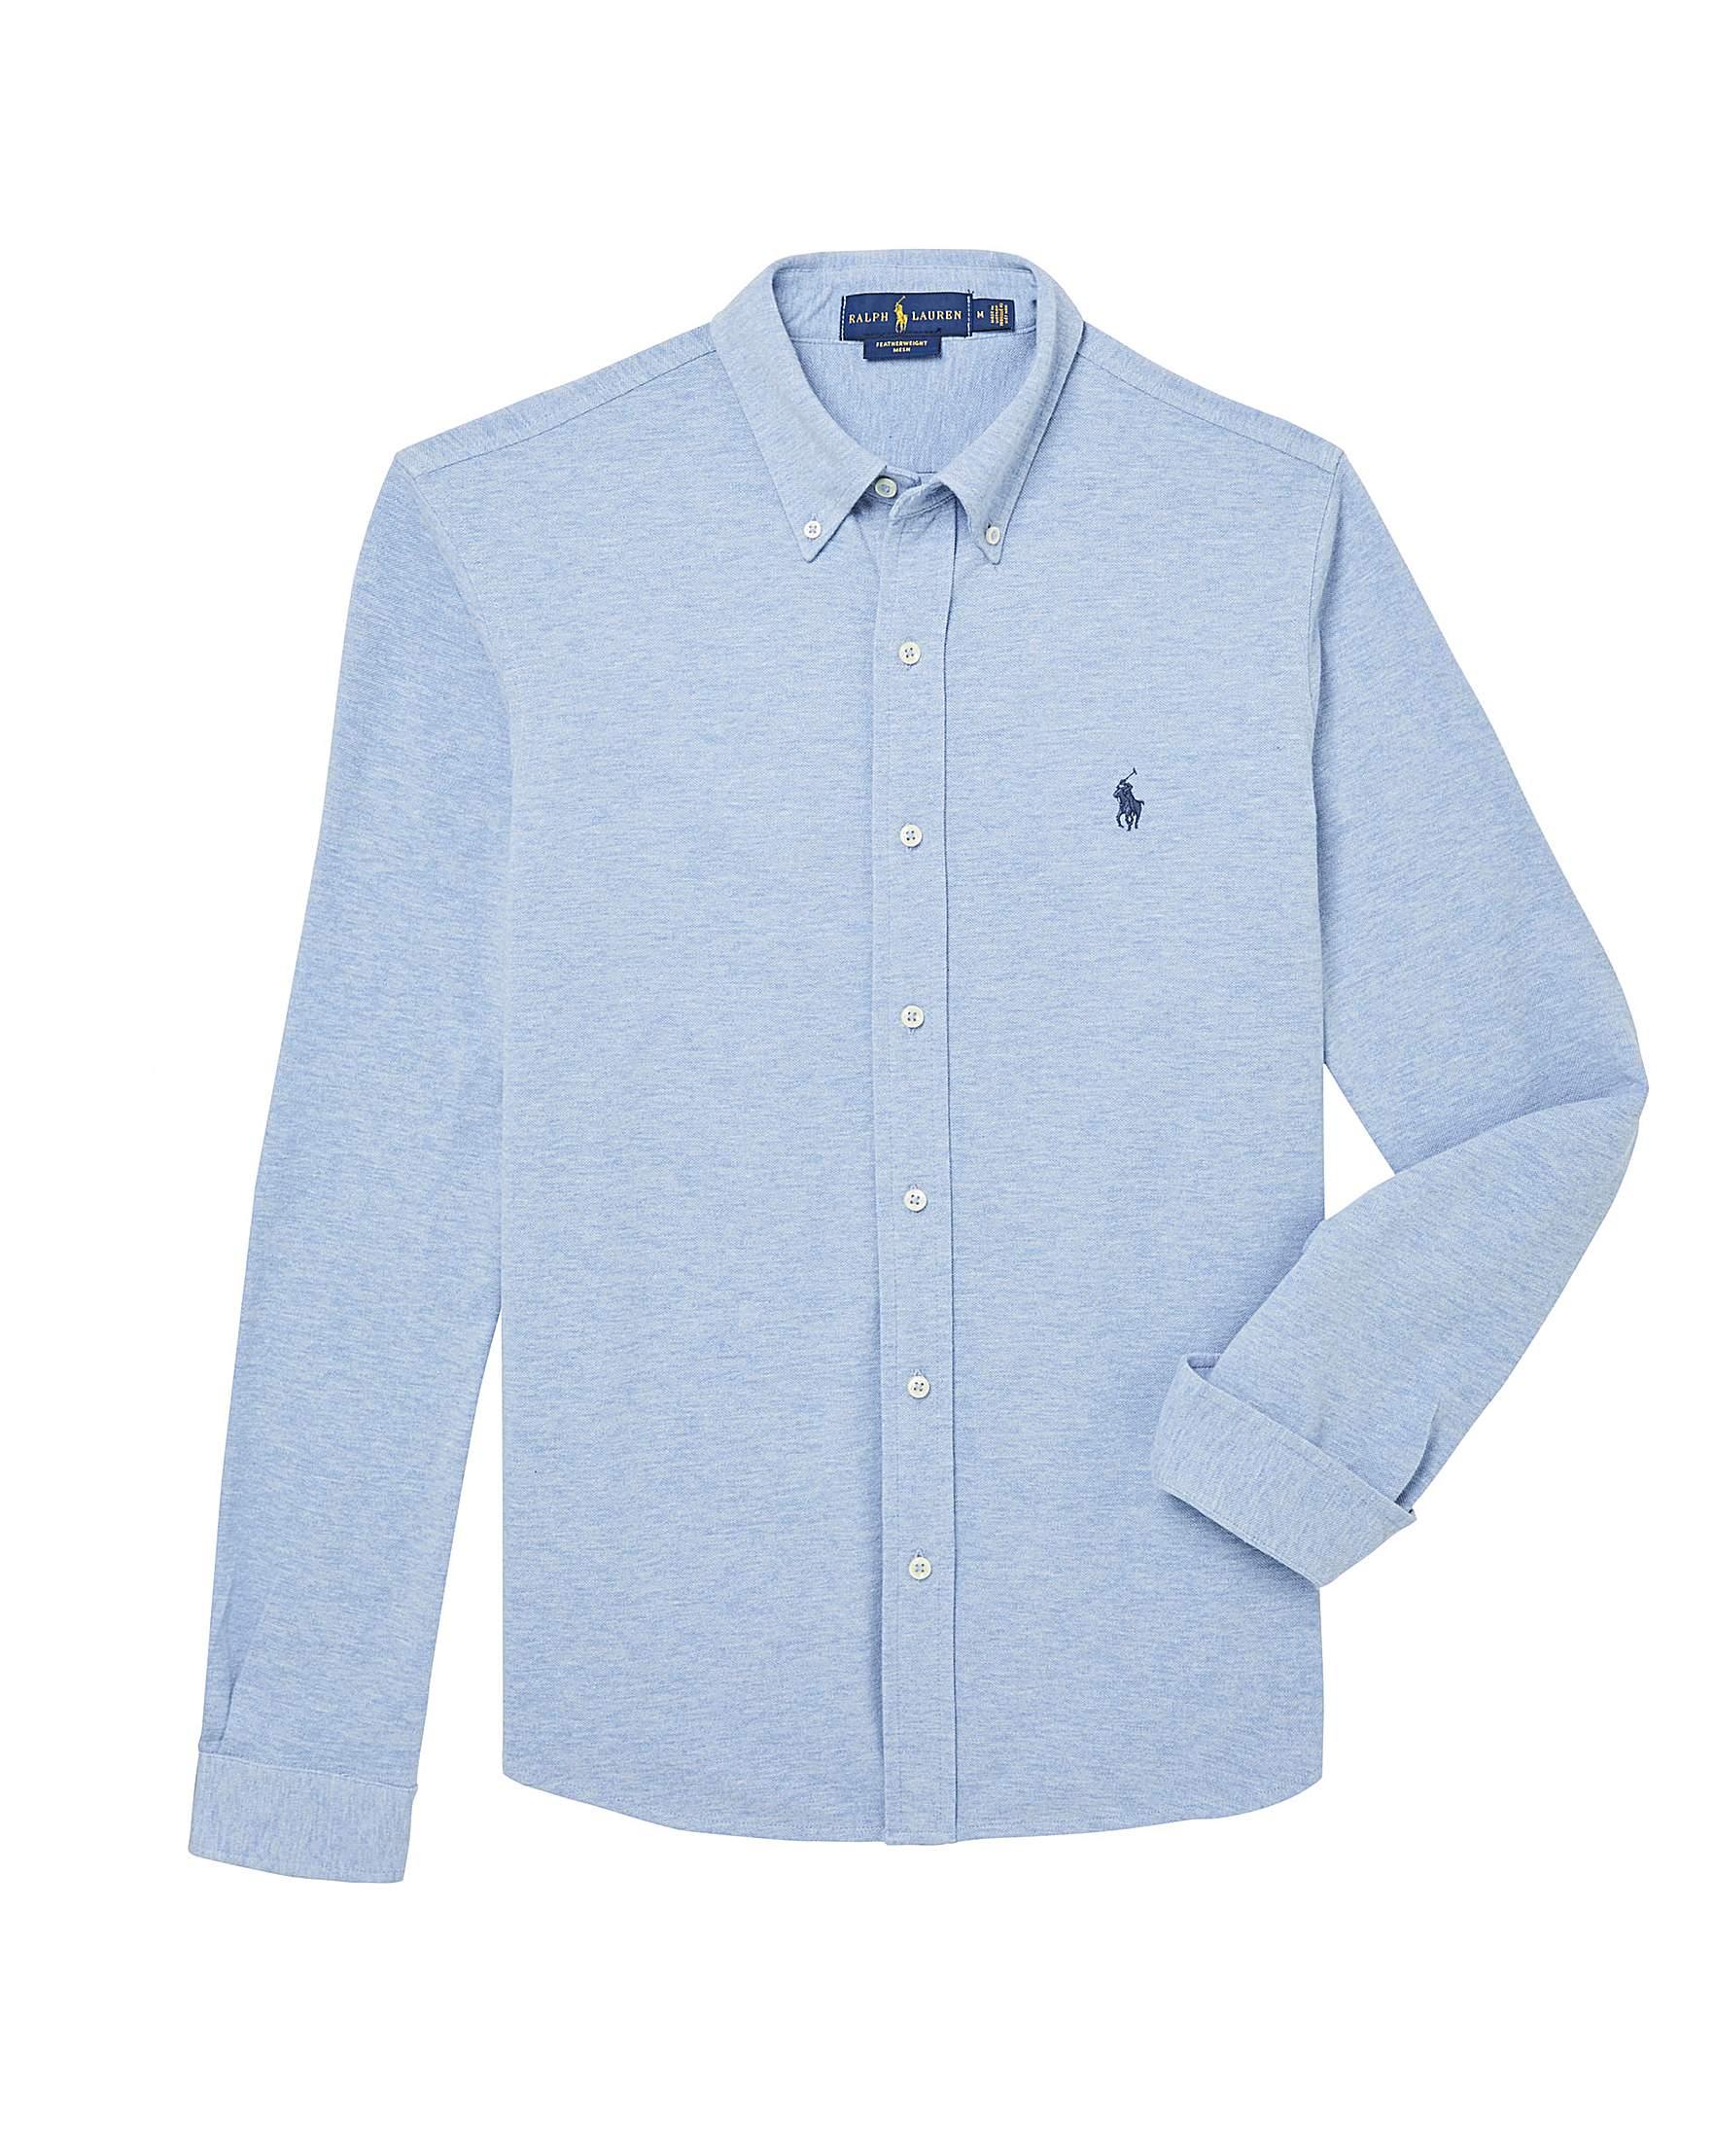 b2a7e8b2 Polo Ralph Lauren Button-Through Shirt   Jacamo